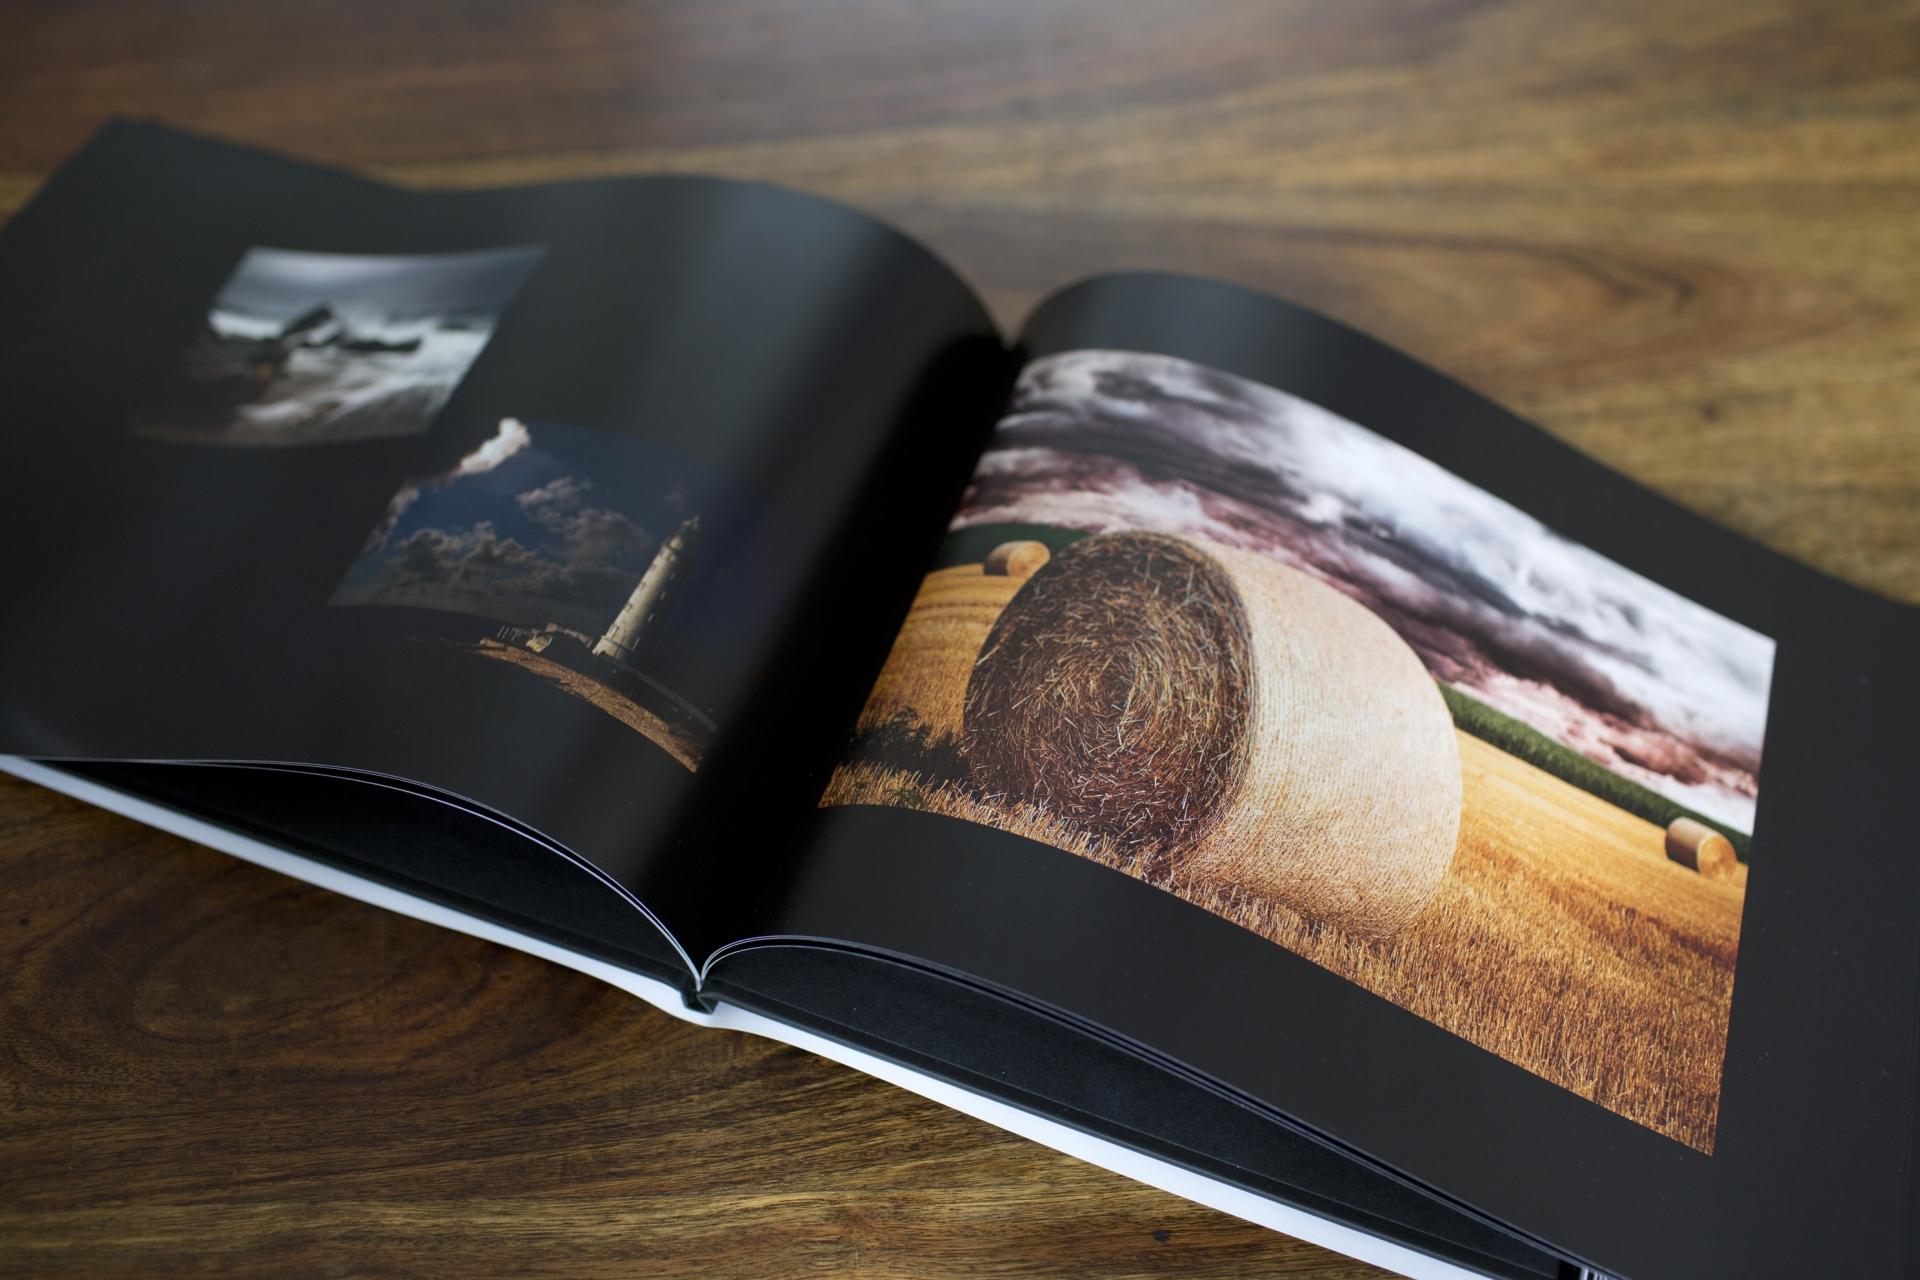 Erstellung von HD-Fotobücher powered by Canon mit der fotobook Software - Canon Academy Fotobuch